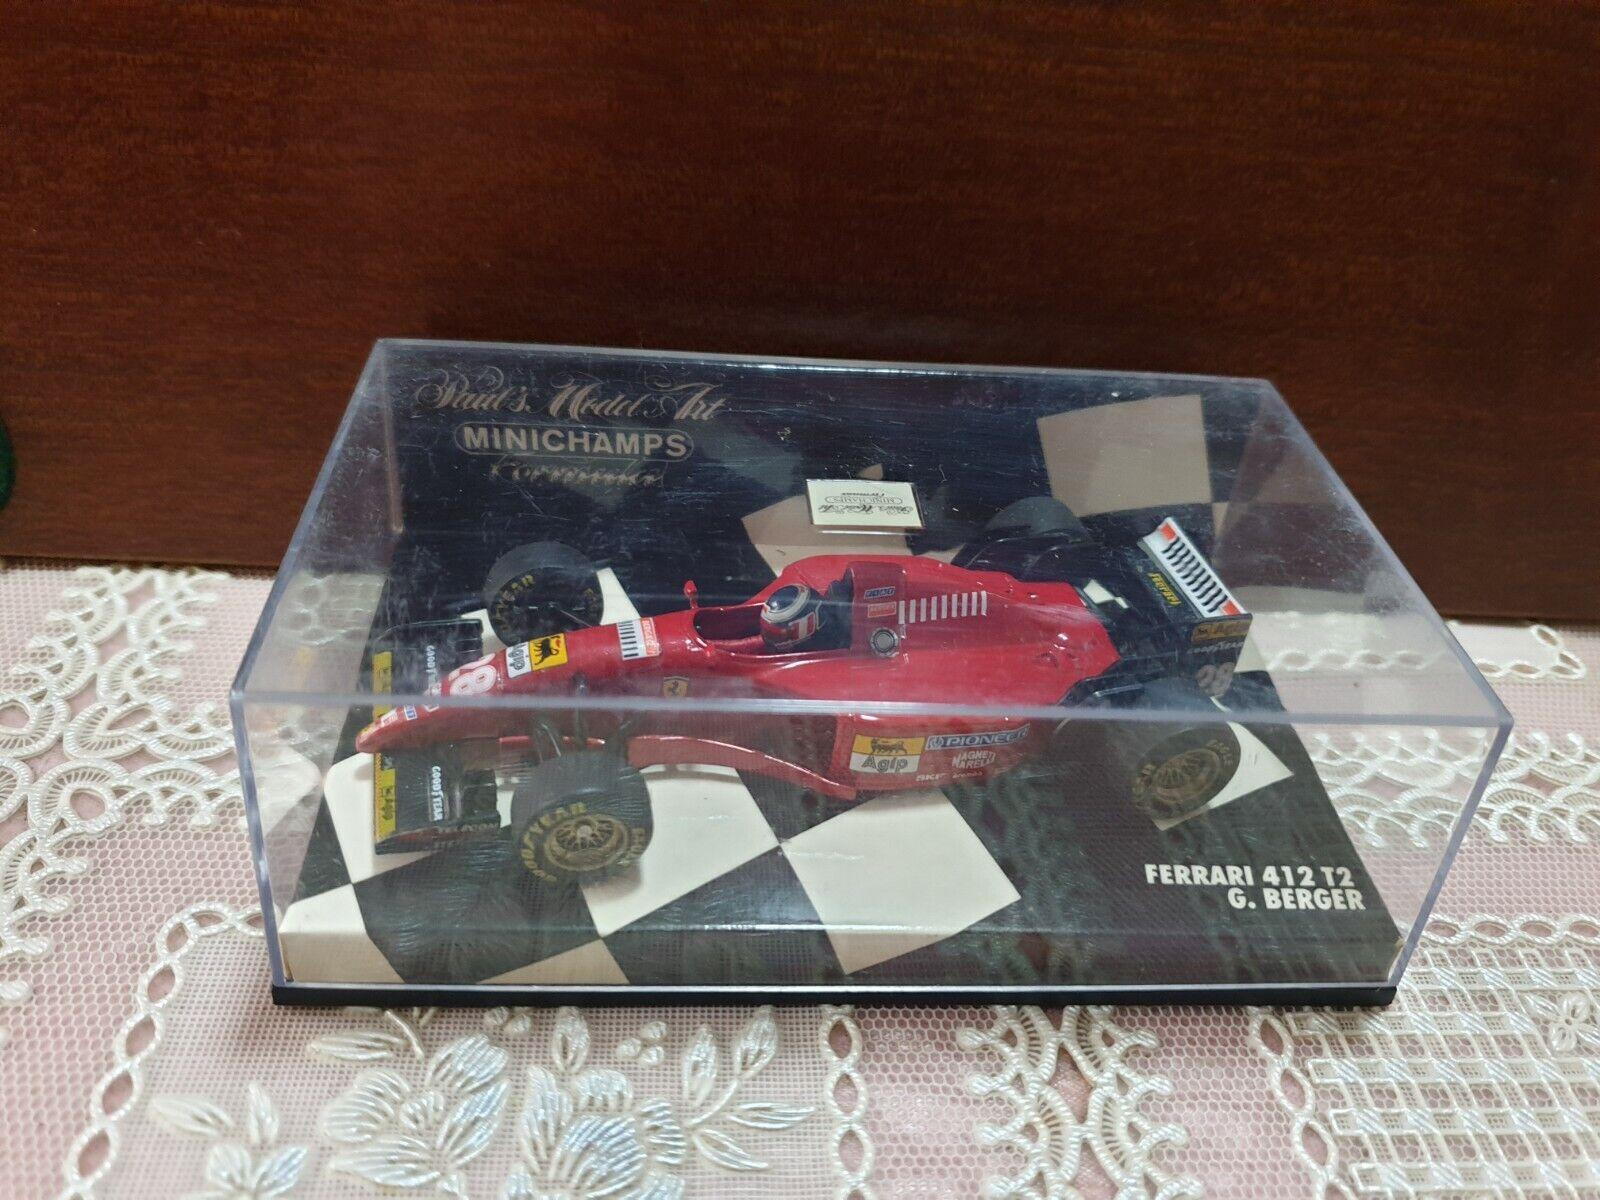 ventas al por mayor Model Ferrari 1 43 Ferrari Minichamps G BERGER BERGER BERGER  412 T2 1995  ofreciendo 100%